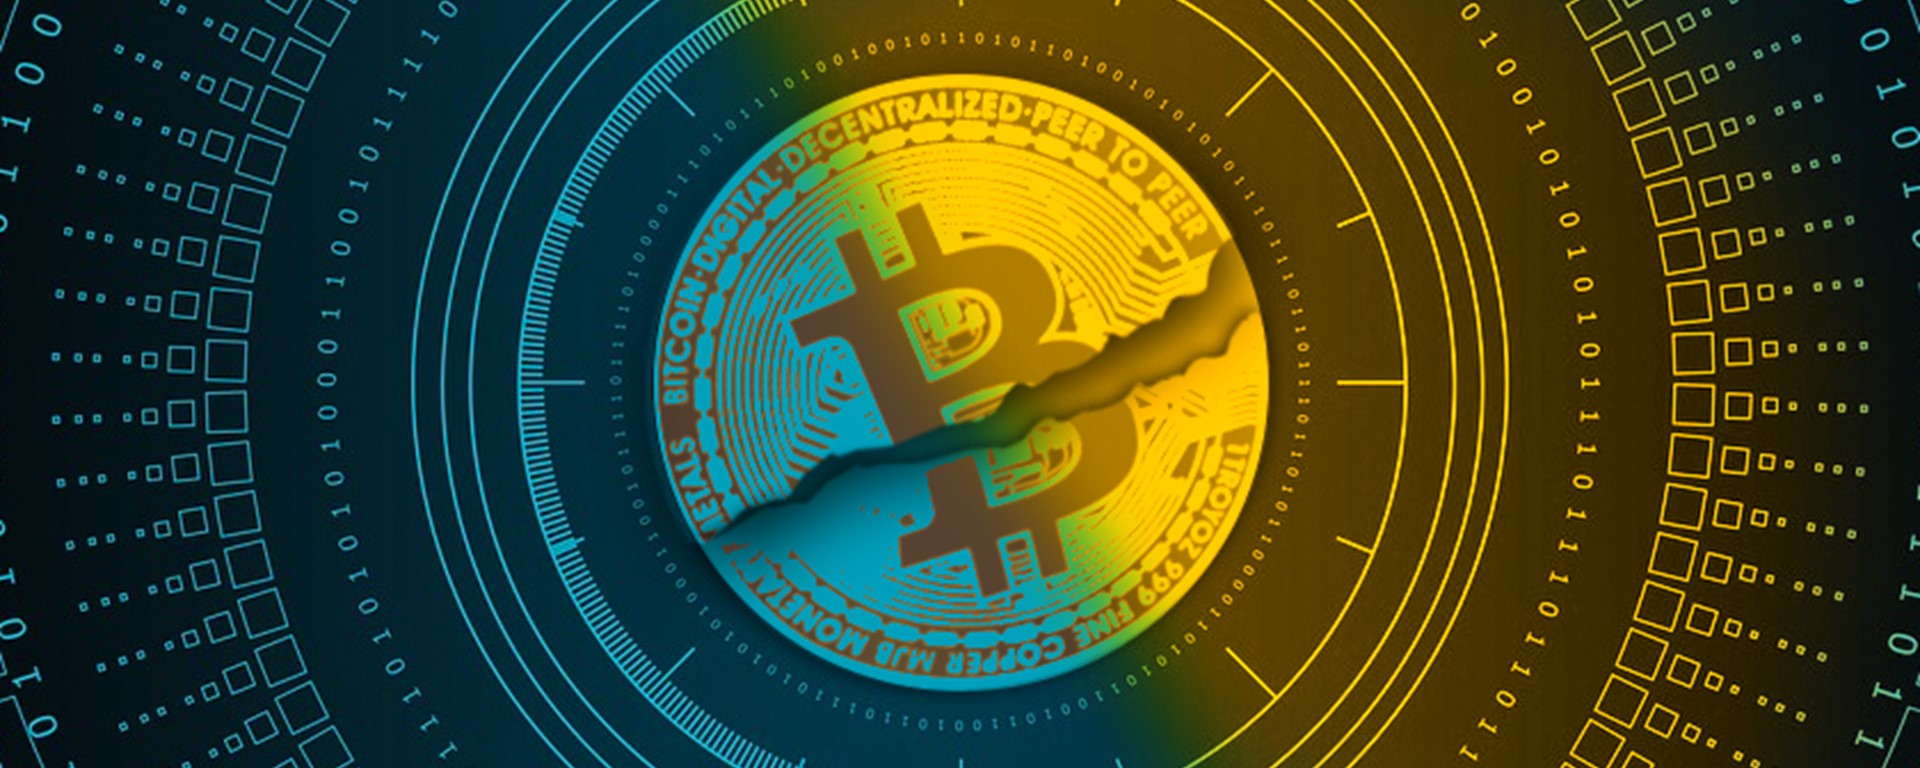 yarılanma oncesi bitcoin 8000 dolar seviyesini gorecek mi